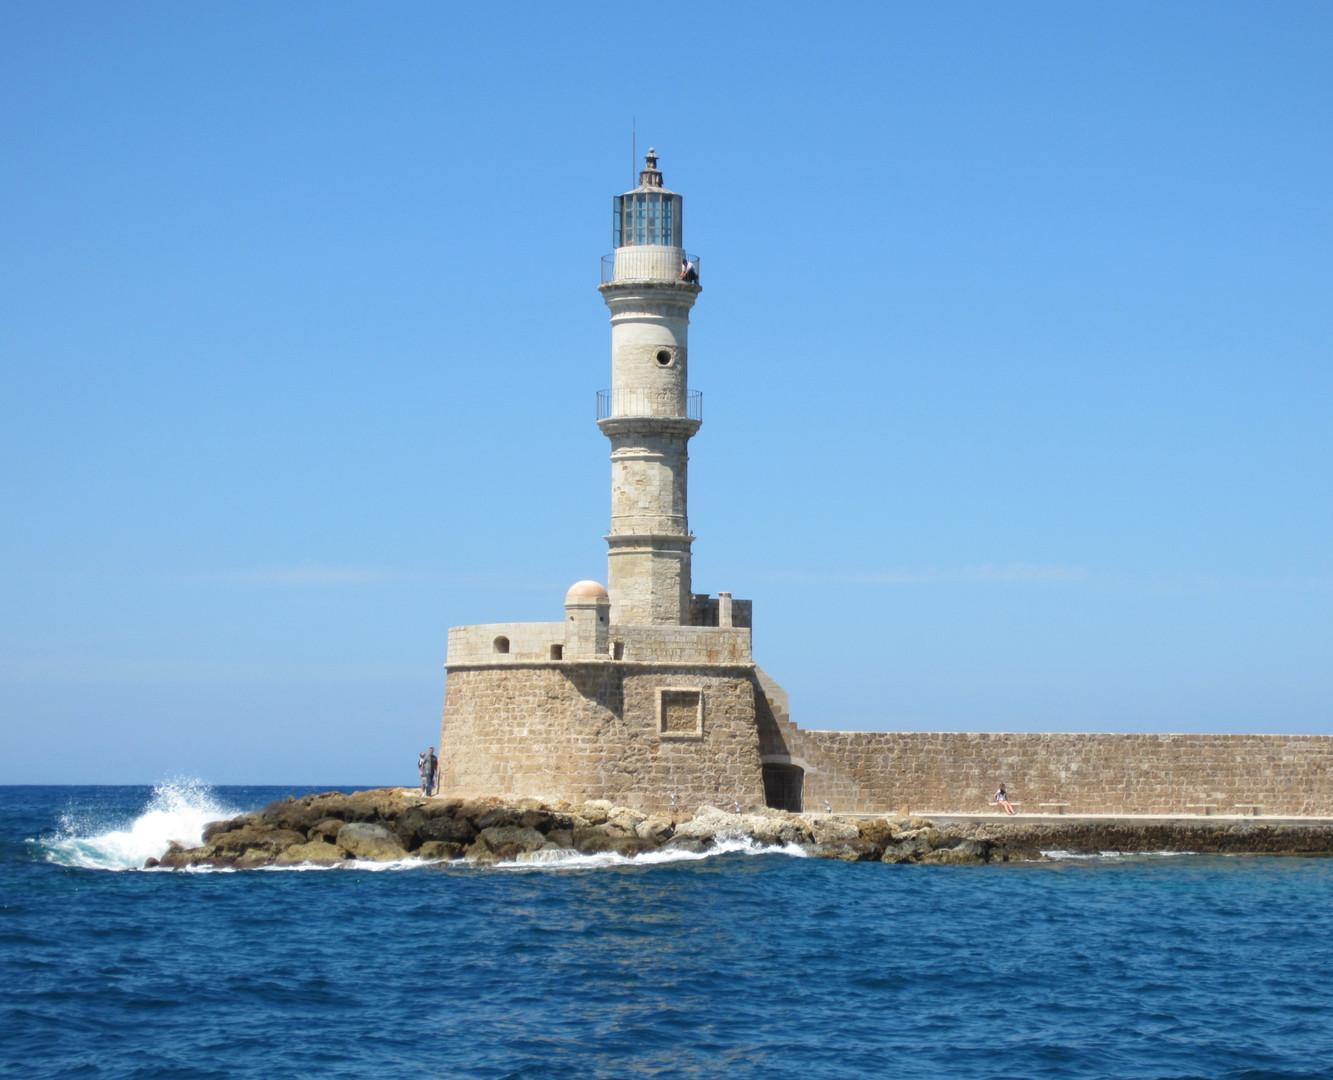 Chania Leuchtturm / Lighthouse